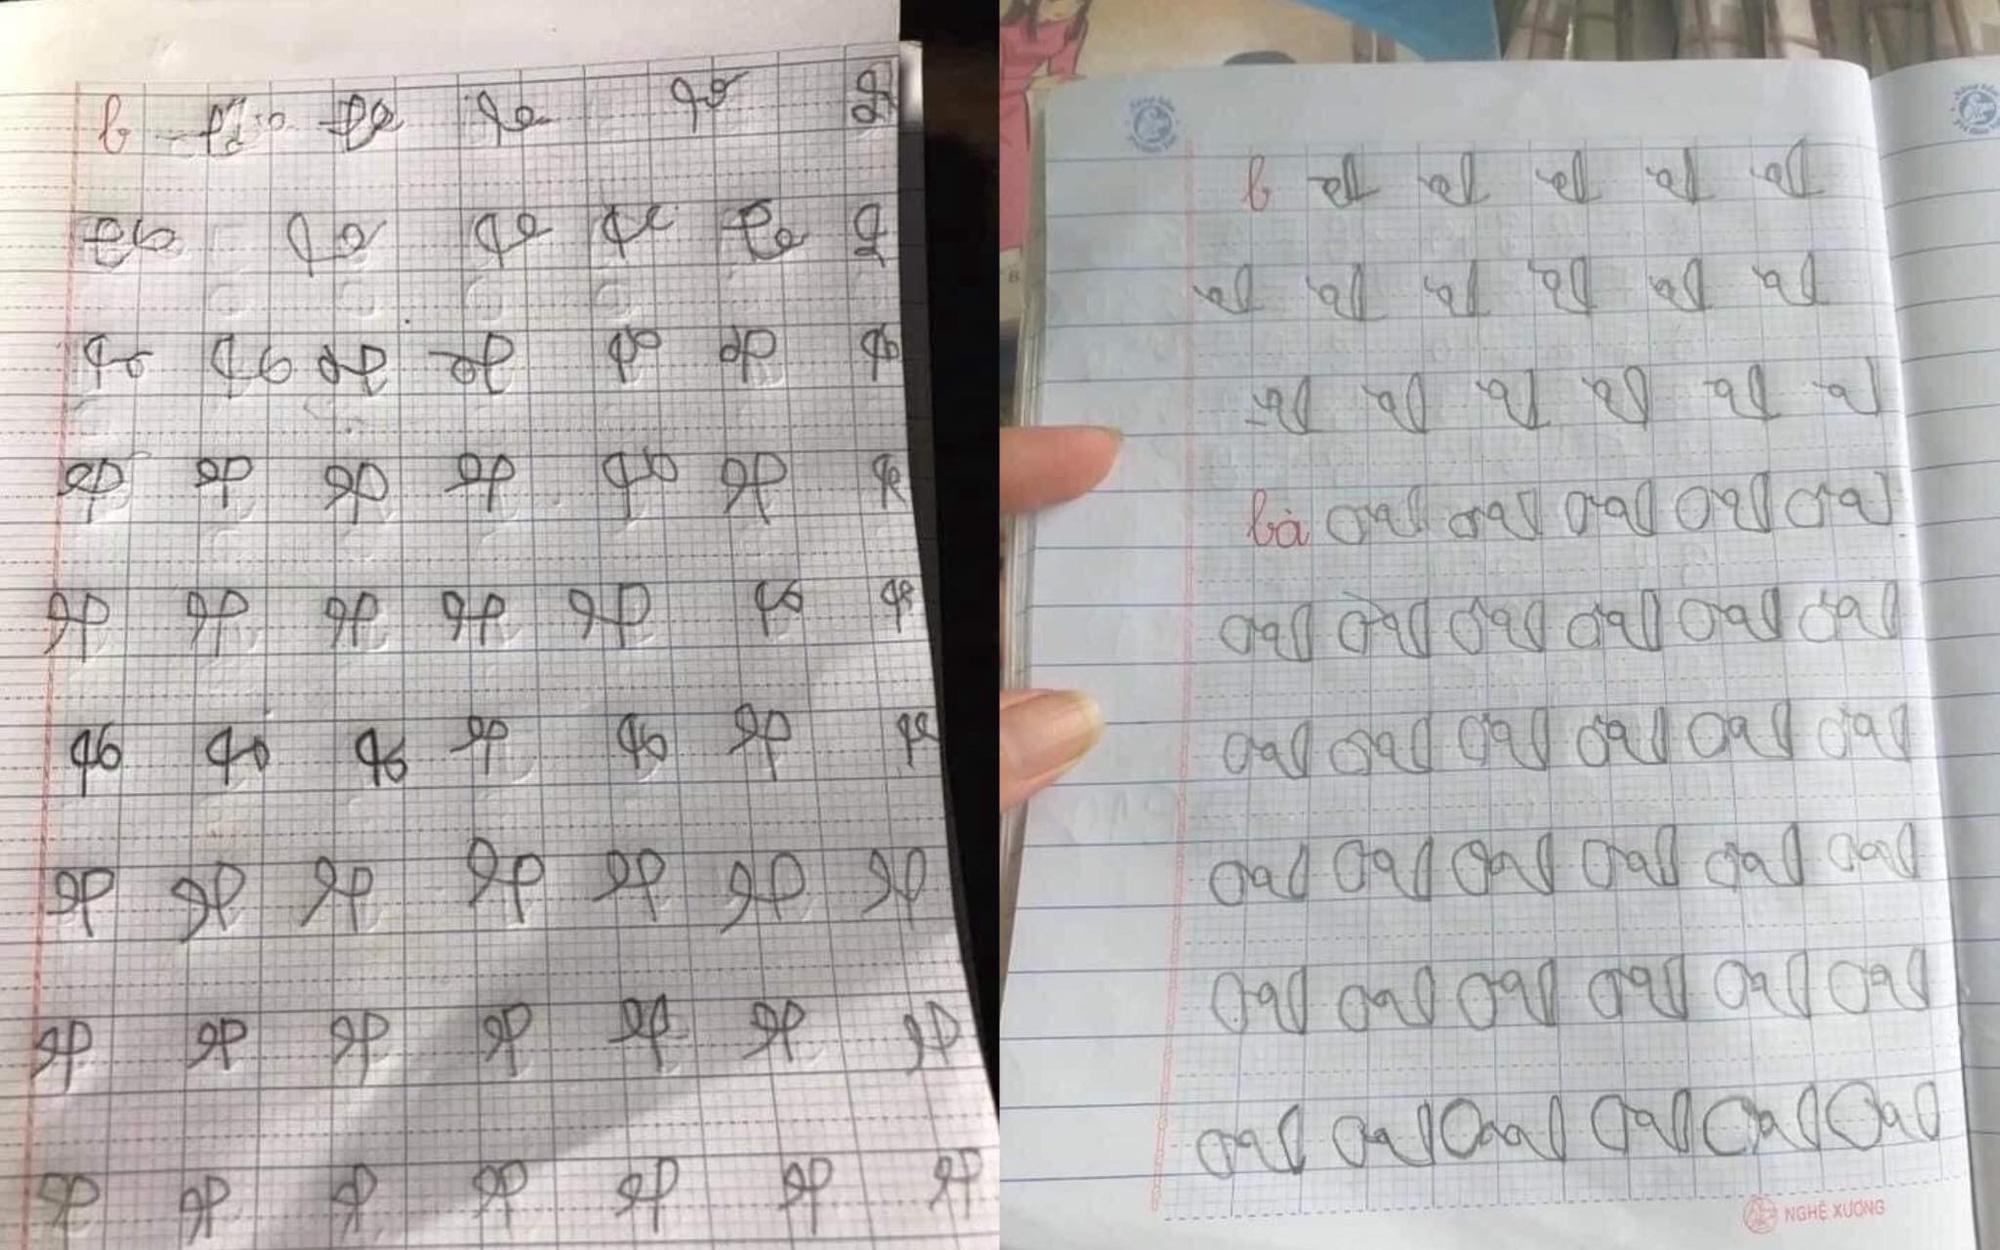 Khoe ảnh con học lớp 1 mới tập viết mà đảo lộn ngược cả mặt chữ, phụ huynh tưởng vui nhưng lại tiềm ẩn những nguy cơ không ngờ